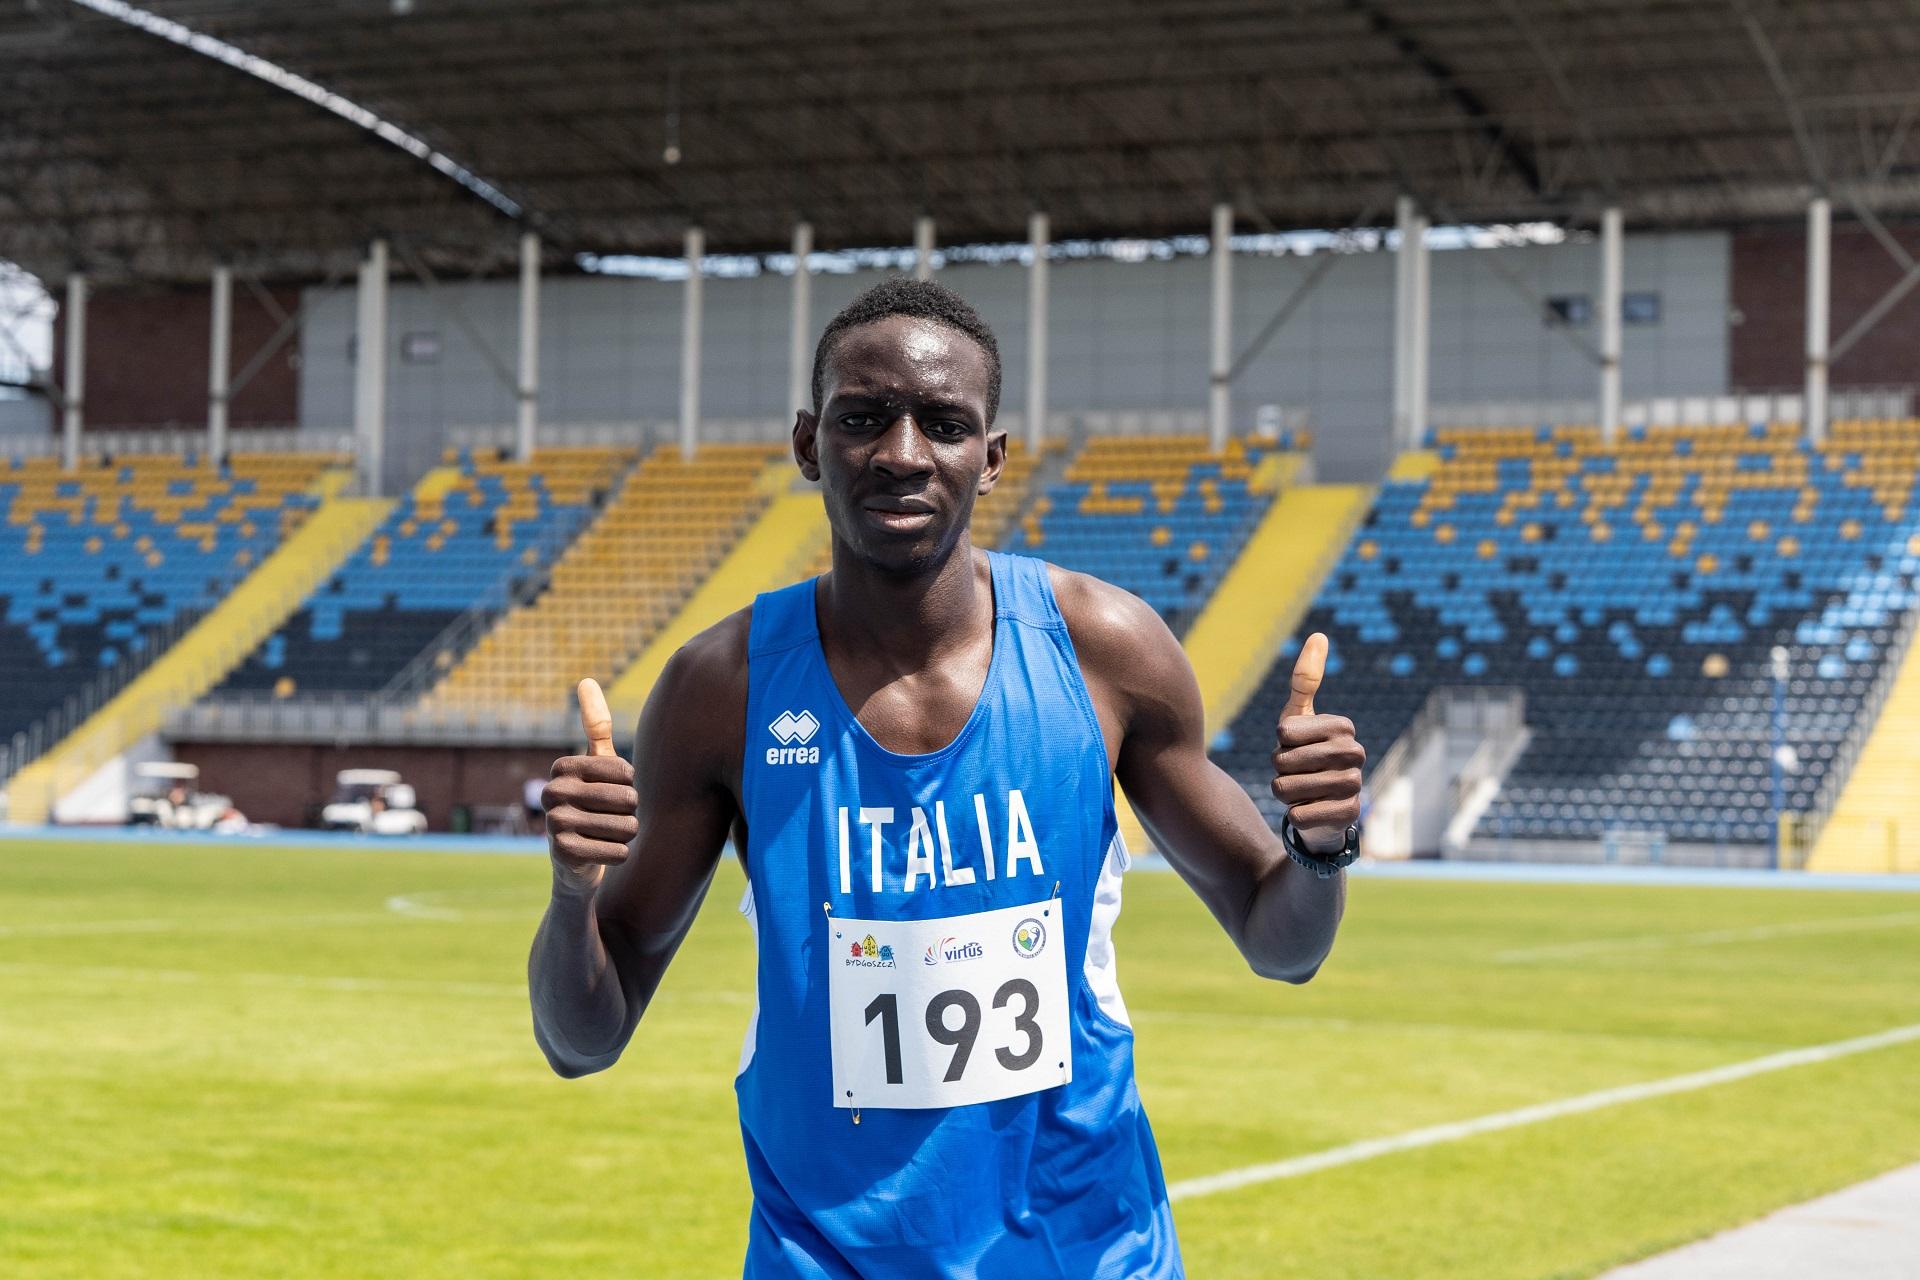 Paralimpiadi Tokyo2020, Dieng in finale nei 400 metri